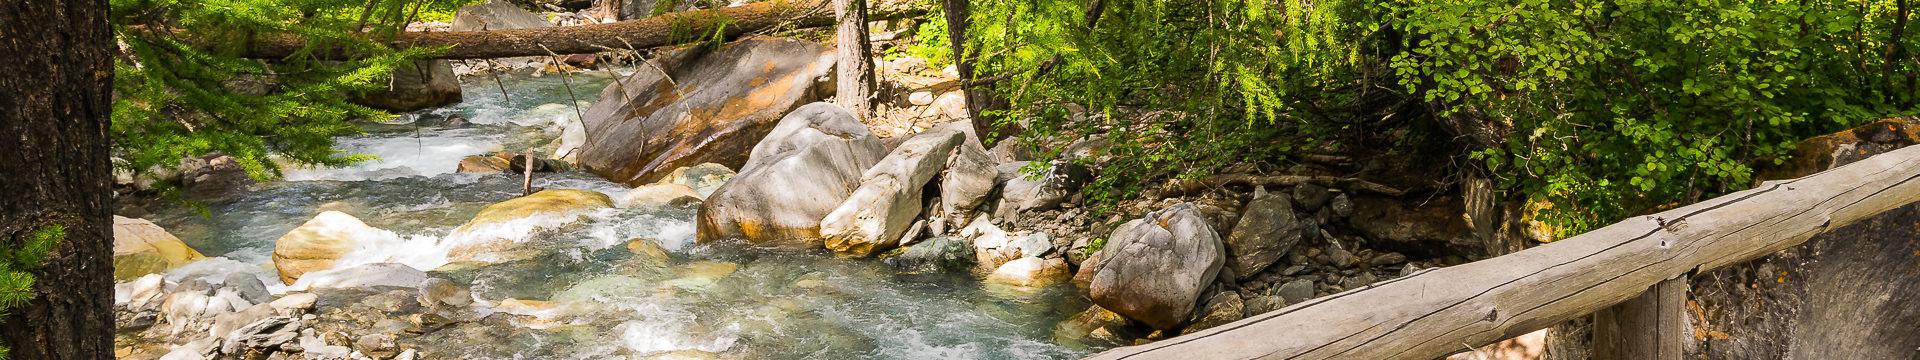 Les plus beaux spots de pêche du Queyras Guillestrois